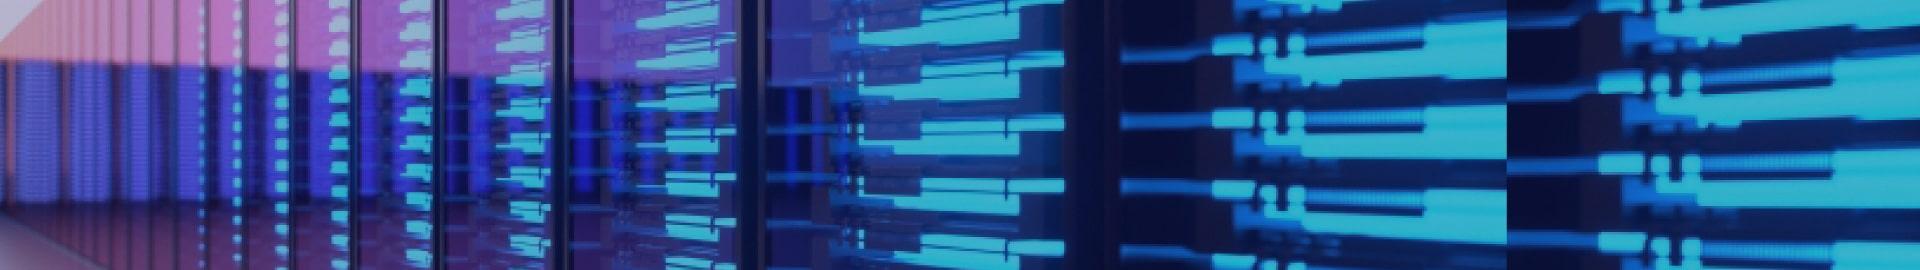 サーバーの背景イメージ